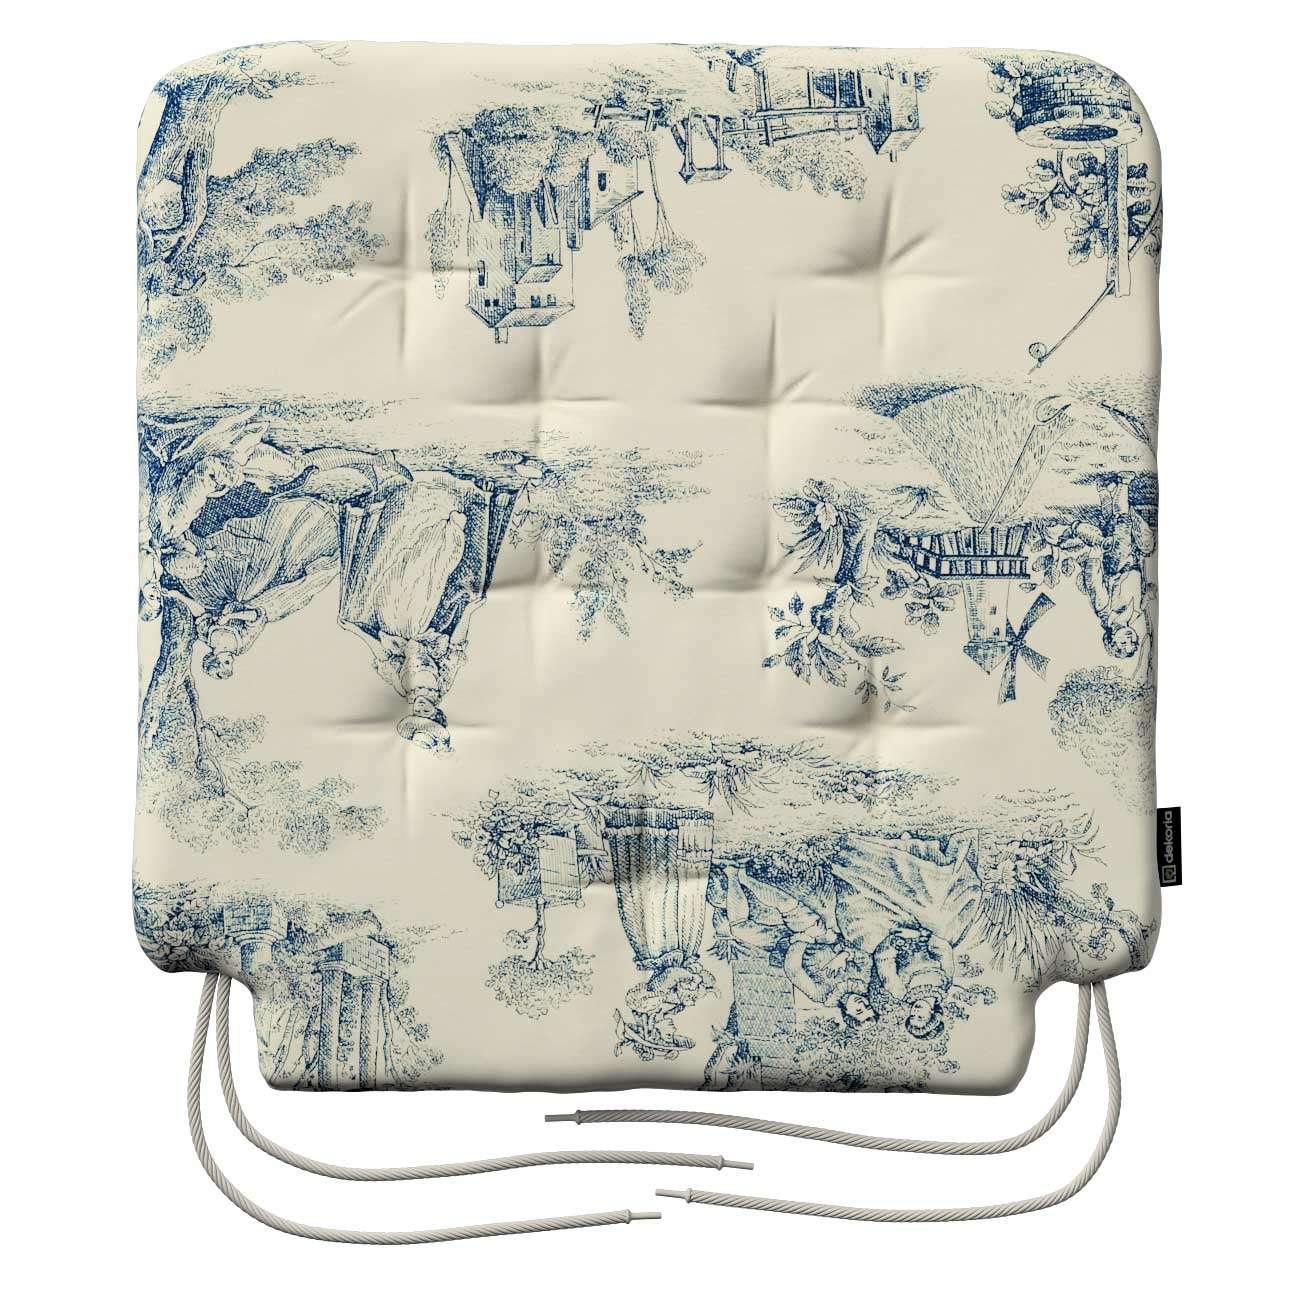 Siedzisko Olek na krzesło 42x41x3,5cm w kolekcji Avinon, tkanina: 132-66